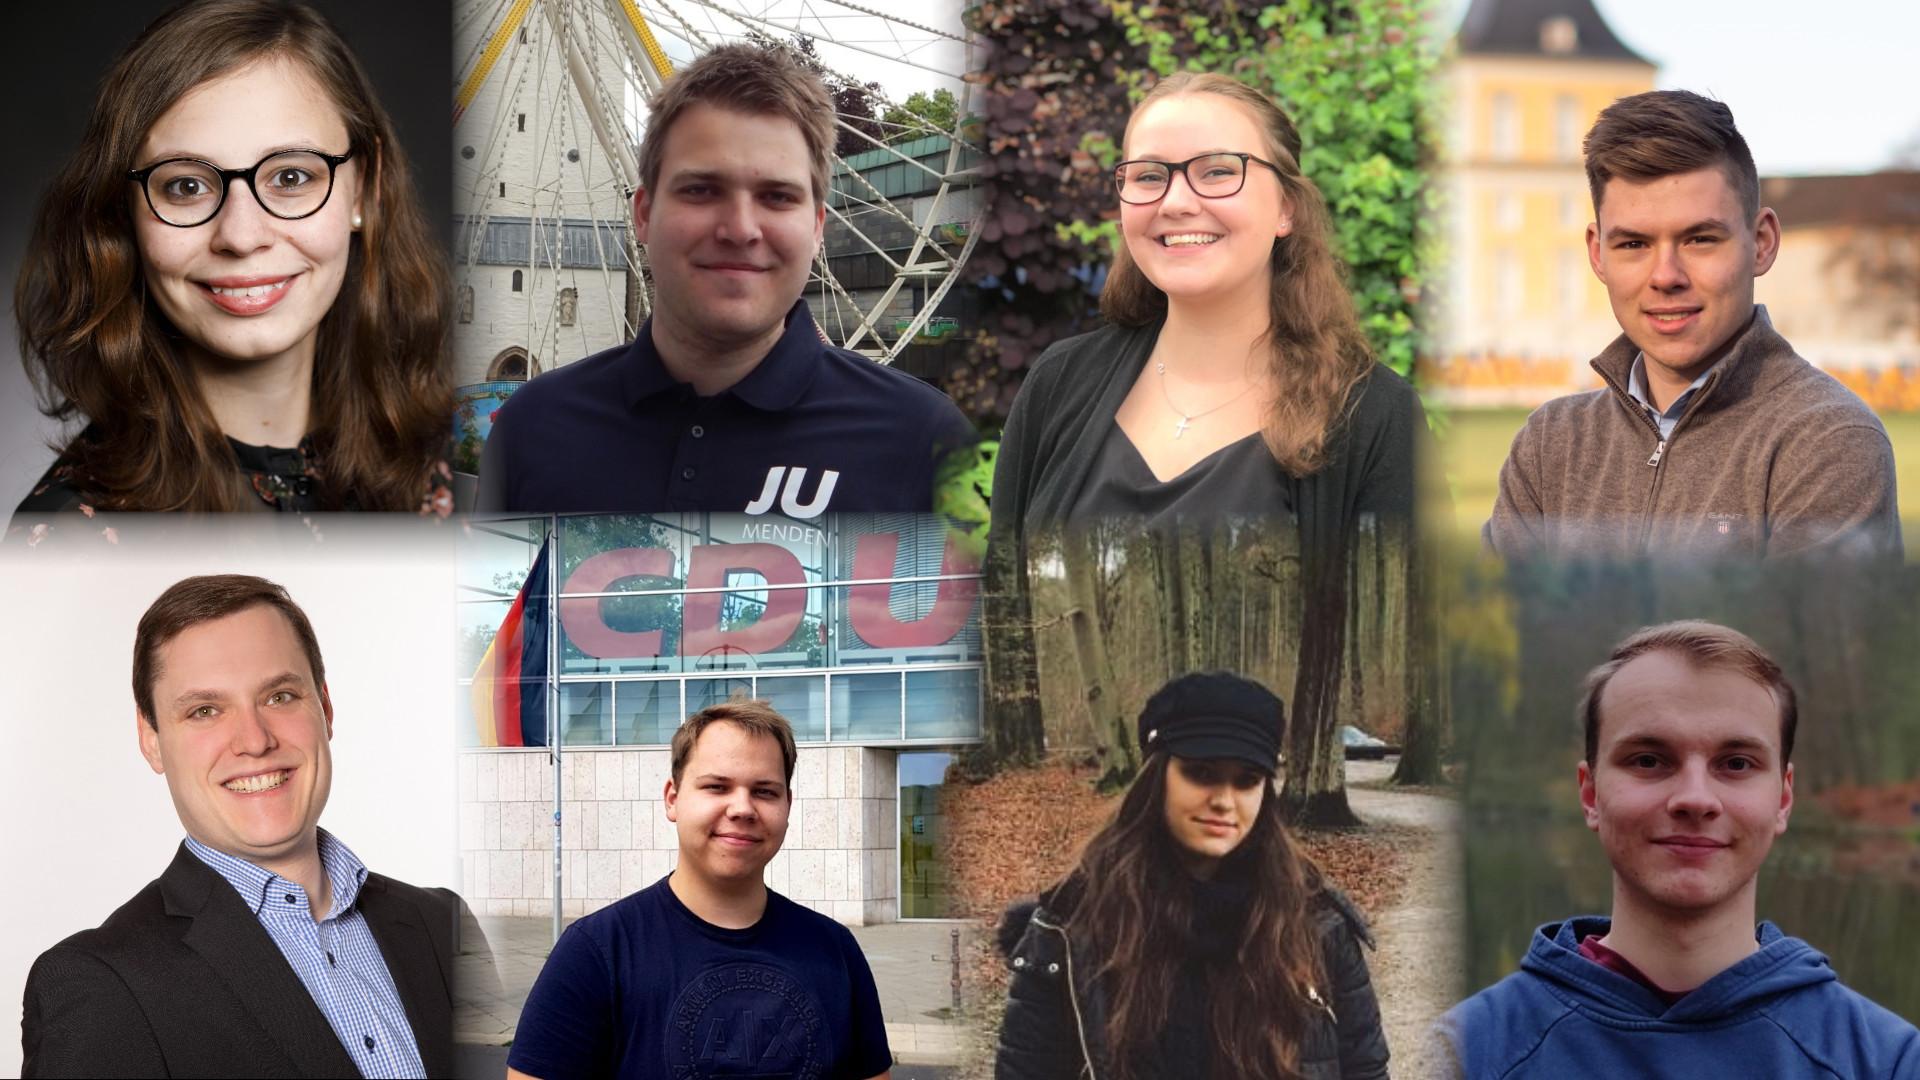 Nachwuchs mit Verantwortung: Junge Ausschussmitglieder in der CDU-Fraktion